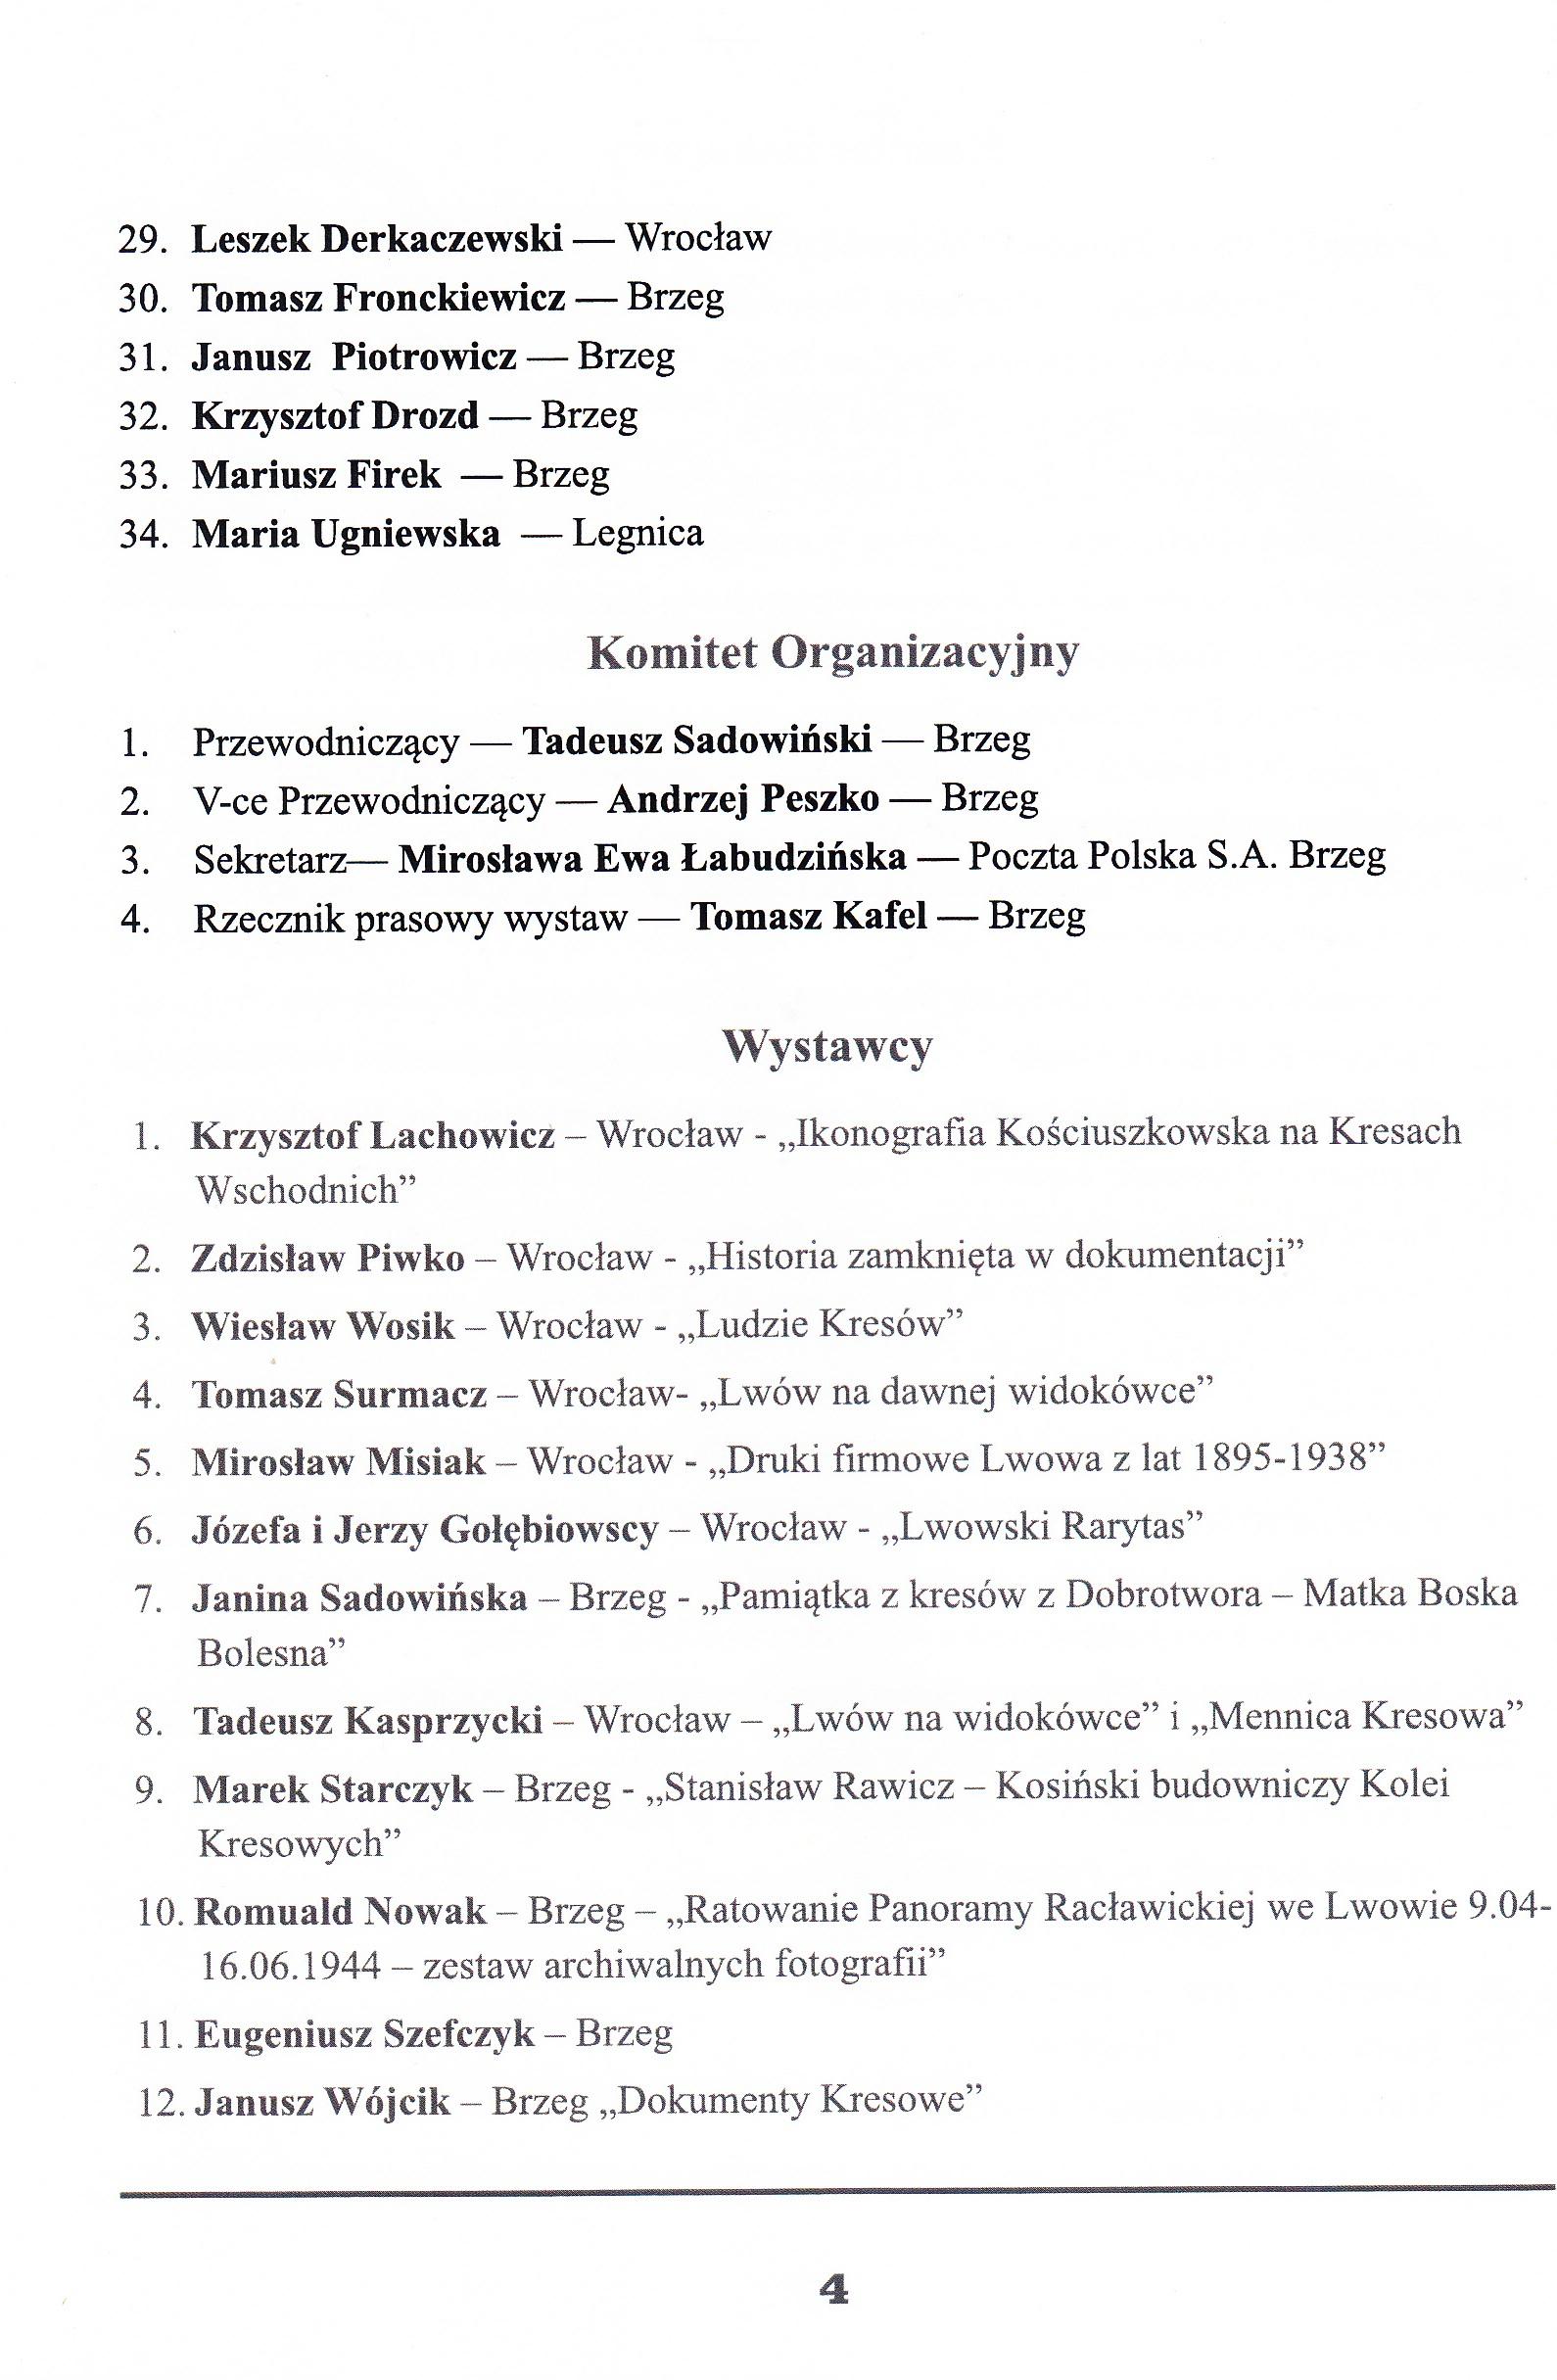 katalog-brzeg-2016-3